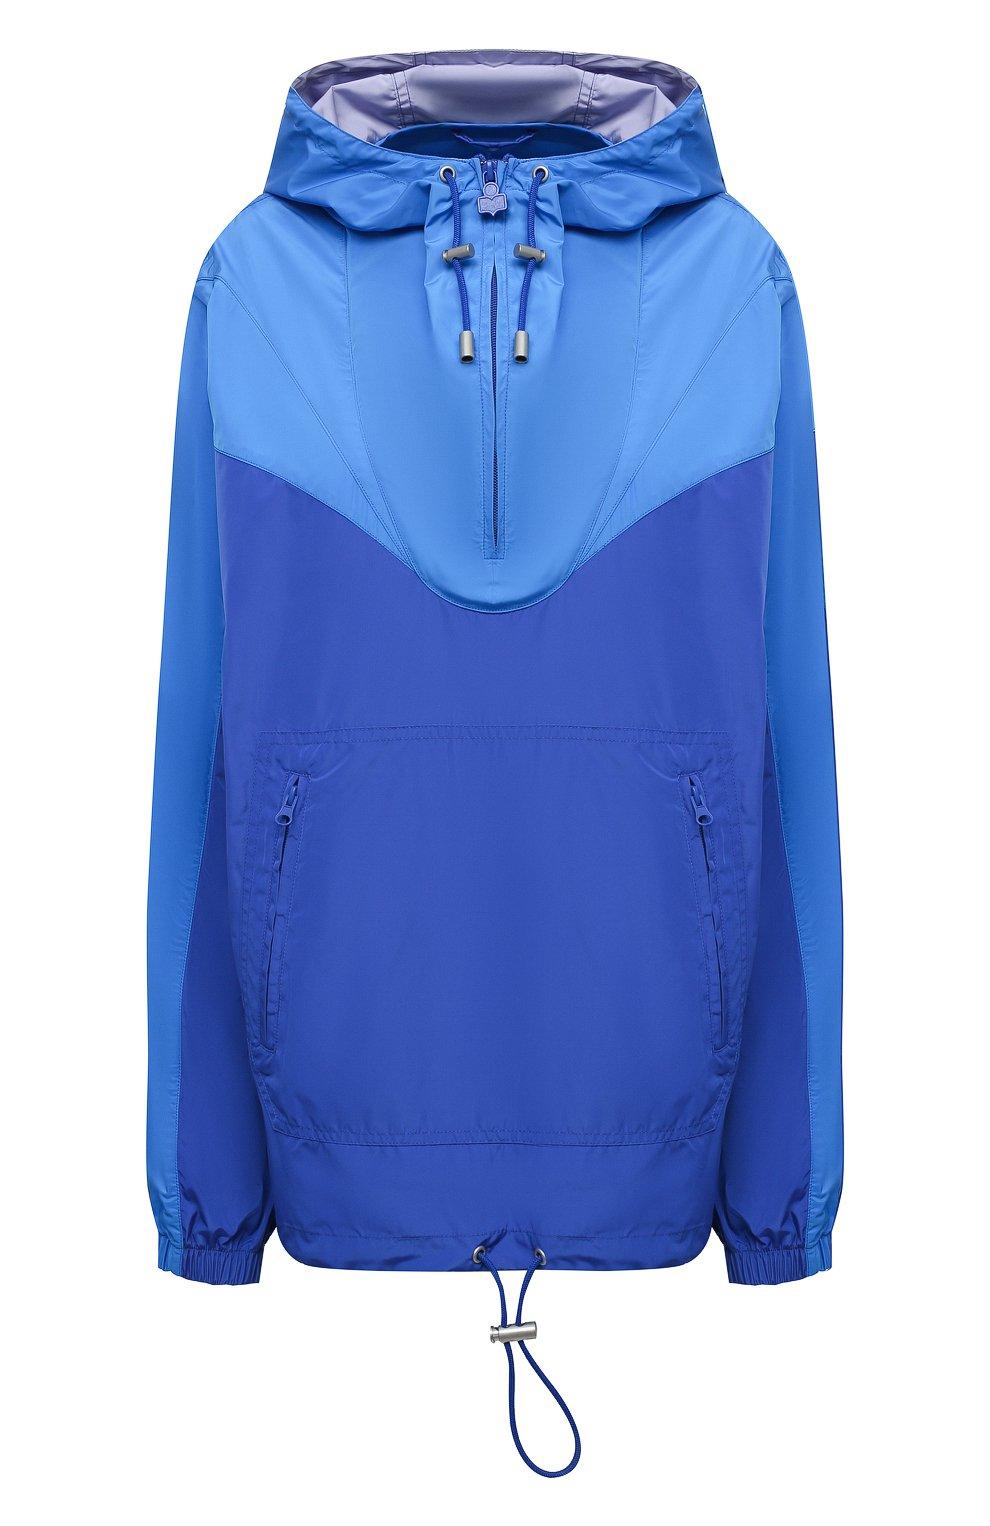 Женская анорак ISABEL MARANT ETOILE синего цвета, арт. MA0930-21P001W/RICHILI | Фото 1 (Кросс-КТ: Куртка, Ветровка; Рукава: Длинные; Женское Кросс-КТ: Куртка-спорт; Материал внешний: Синтетический материал; Стили: Спорт-шик; Длина (верхняя одежда): Короткие)